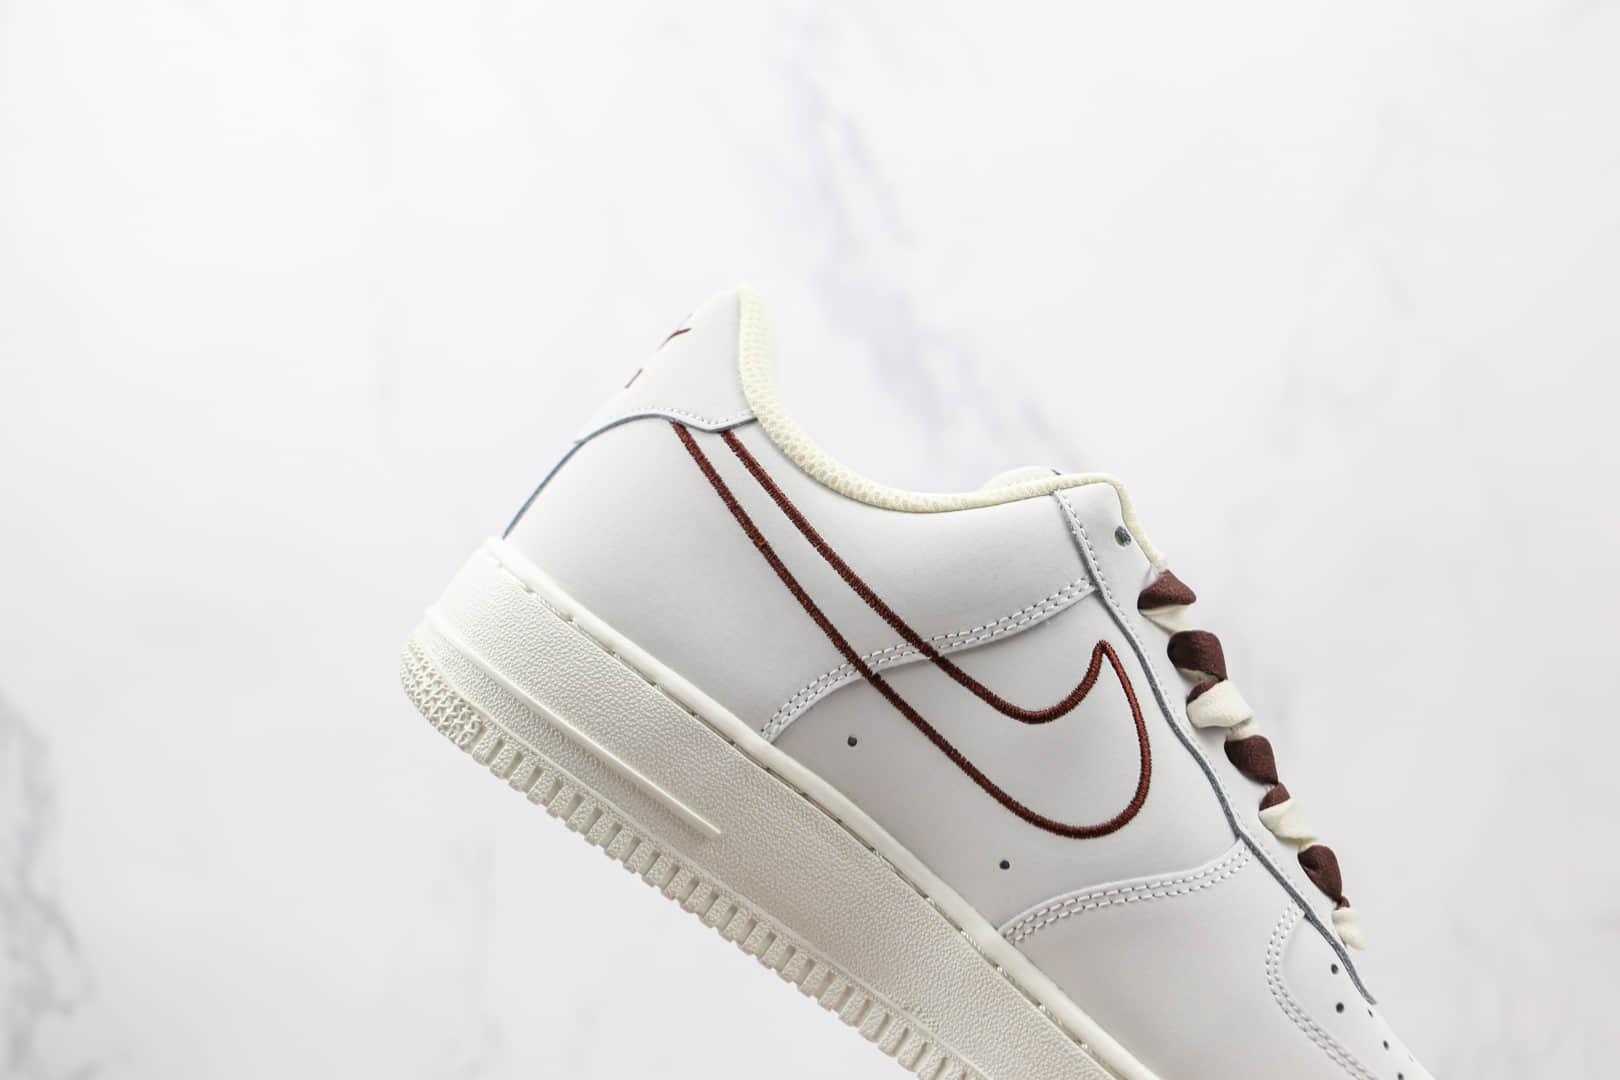 耐克Nike Air Force 1 Low 07纯原版本低帮空军一号米棕电绣勾配色板鞋原档案数据开发 货号:CL6326-138